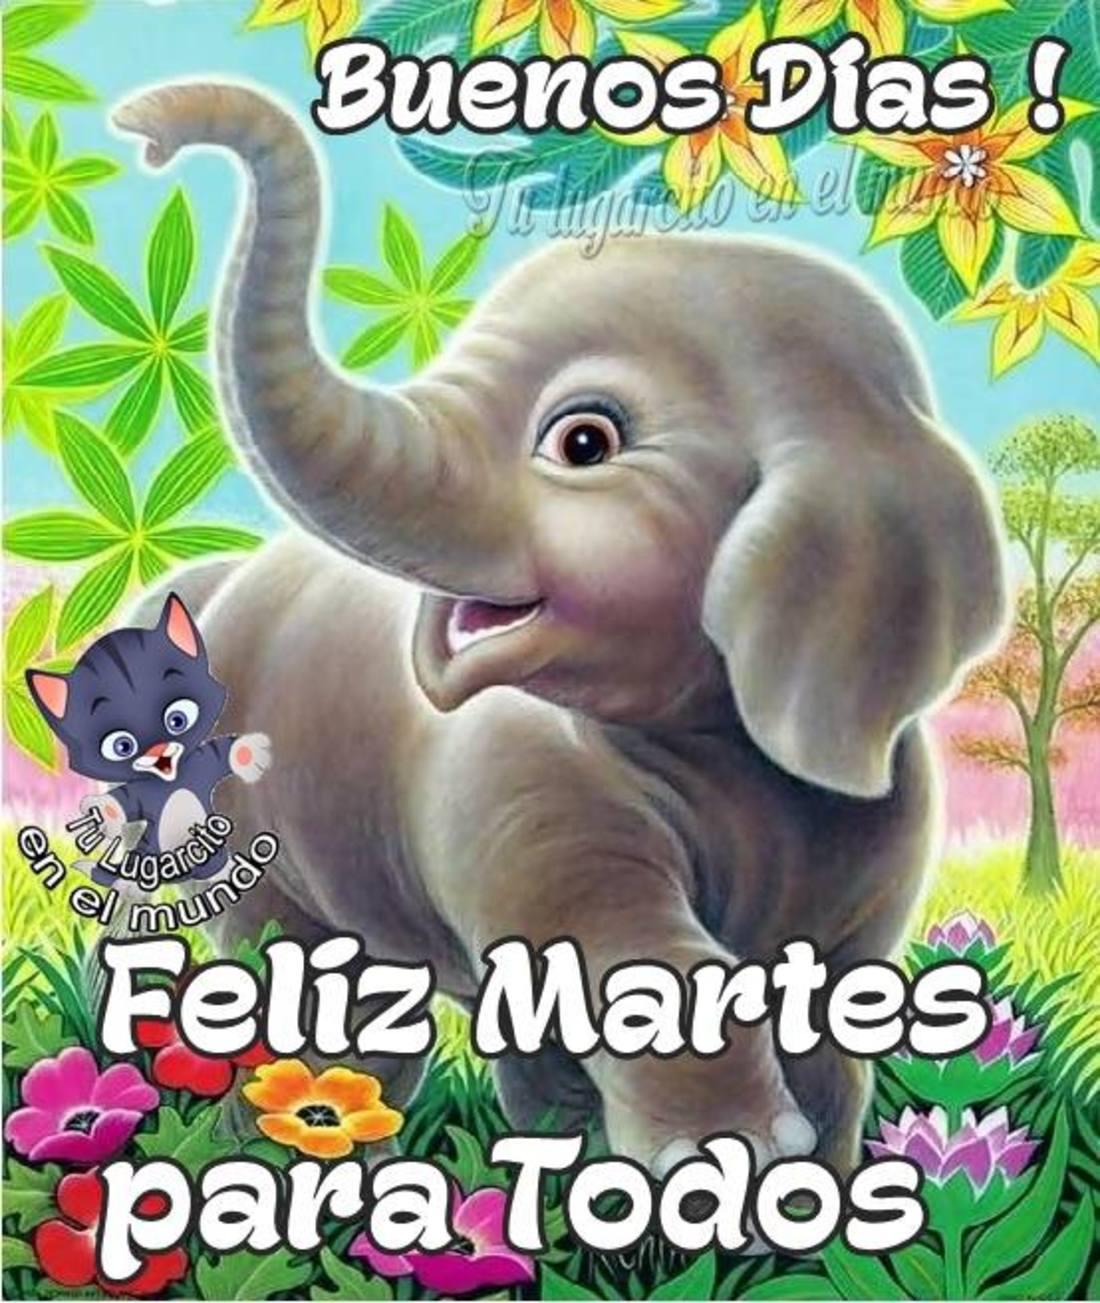 Buenos días feliz martes para todos